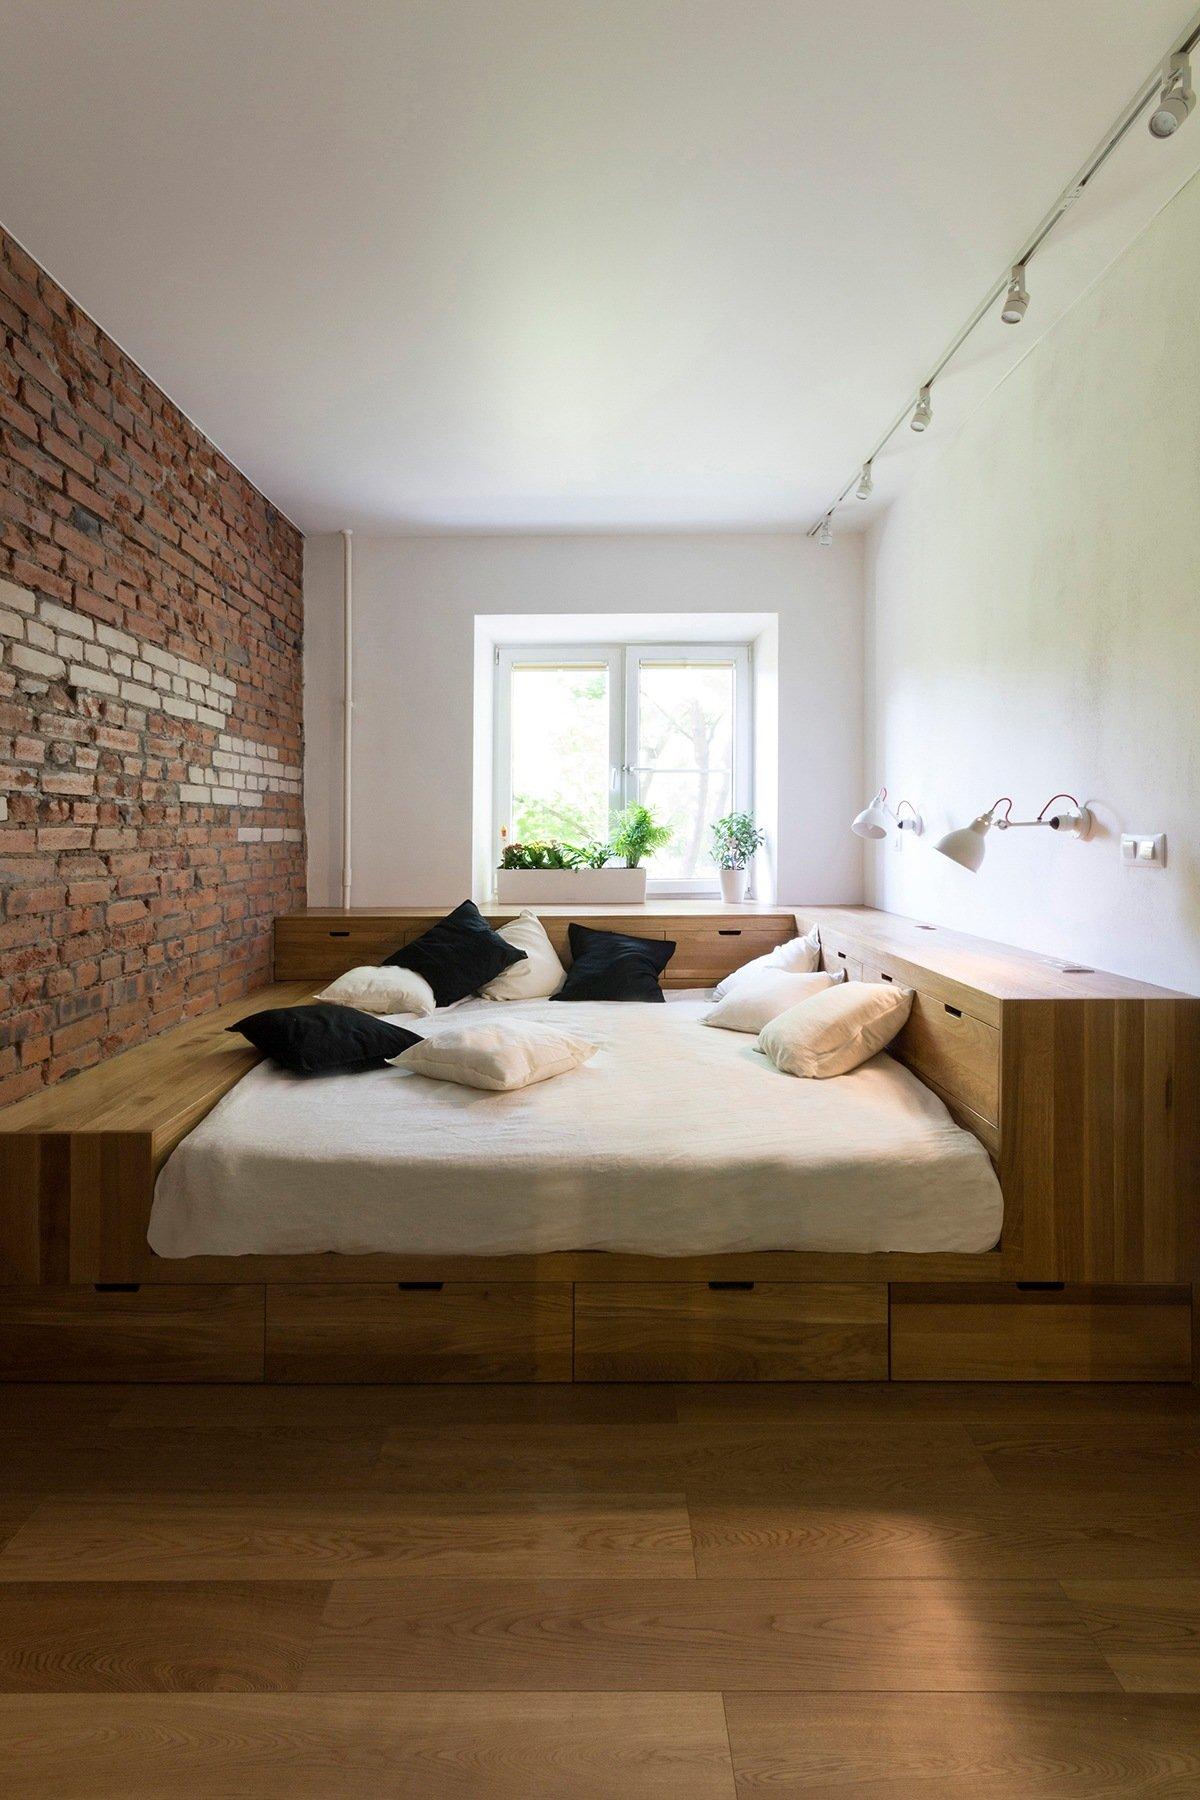 thiết kế nội thất độc đáo, thông minh và đa năng cho phòng ngủ nhỏ